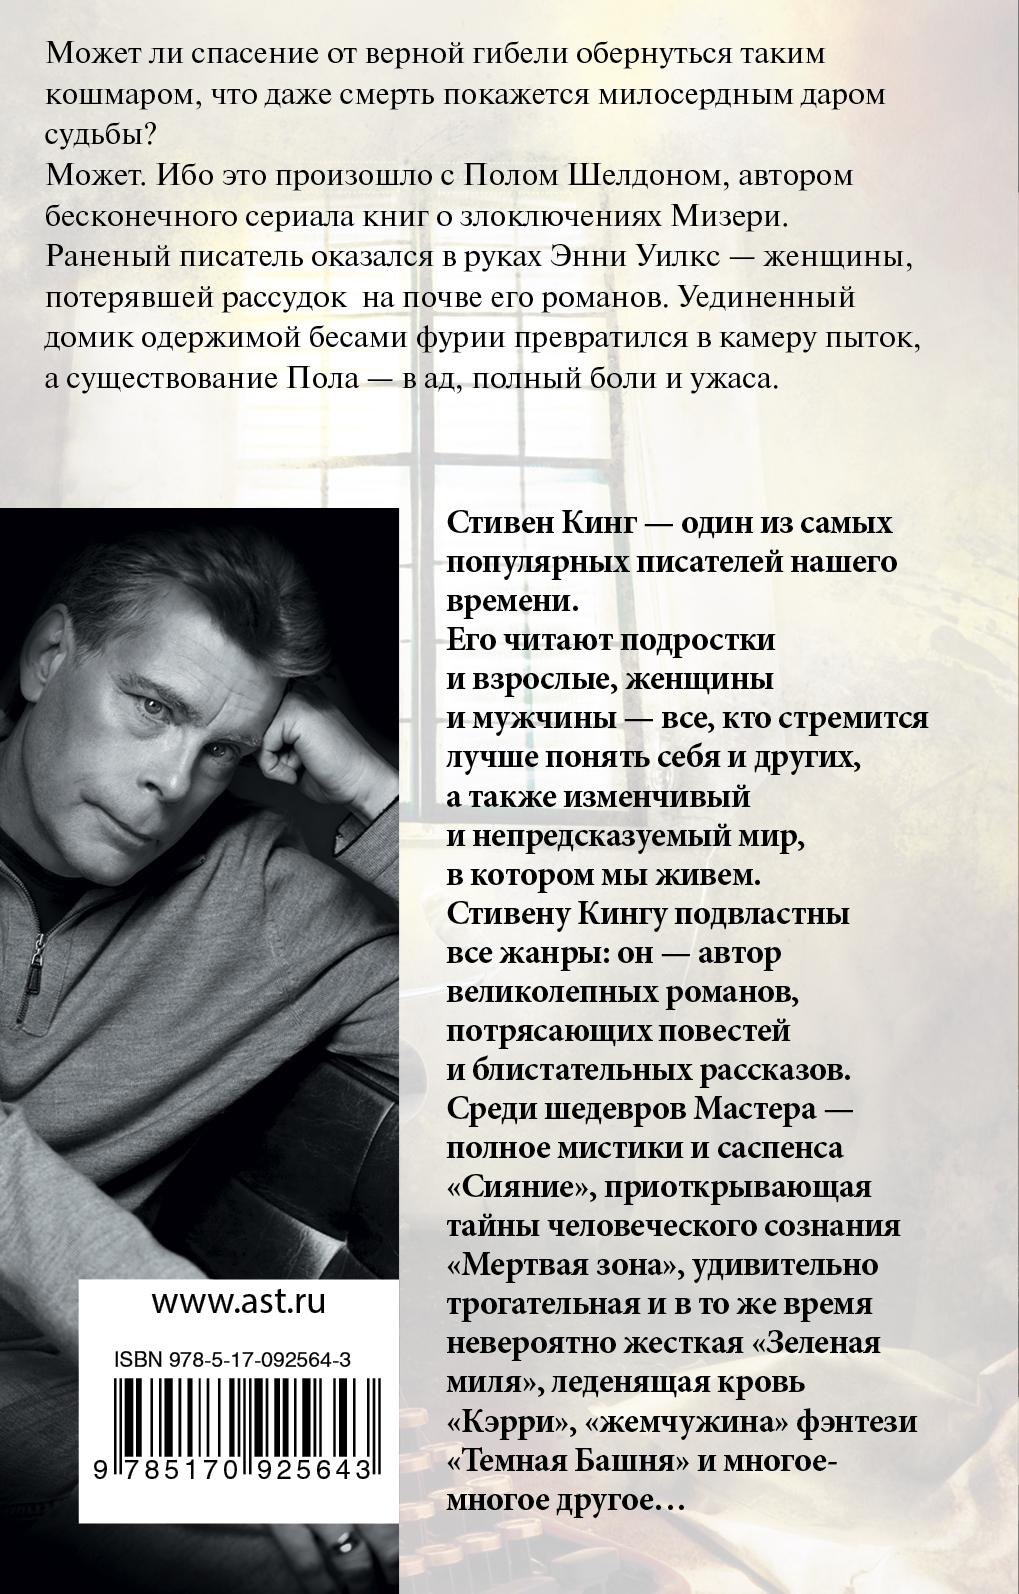 Мизери. Стивен Кинг